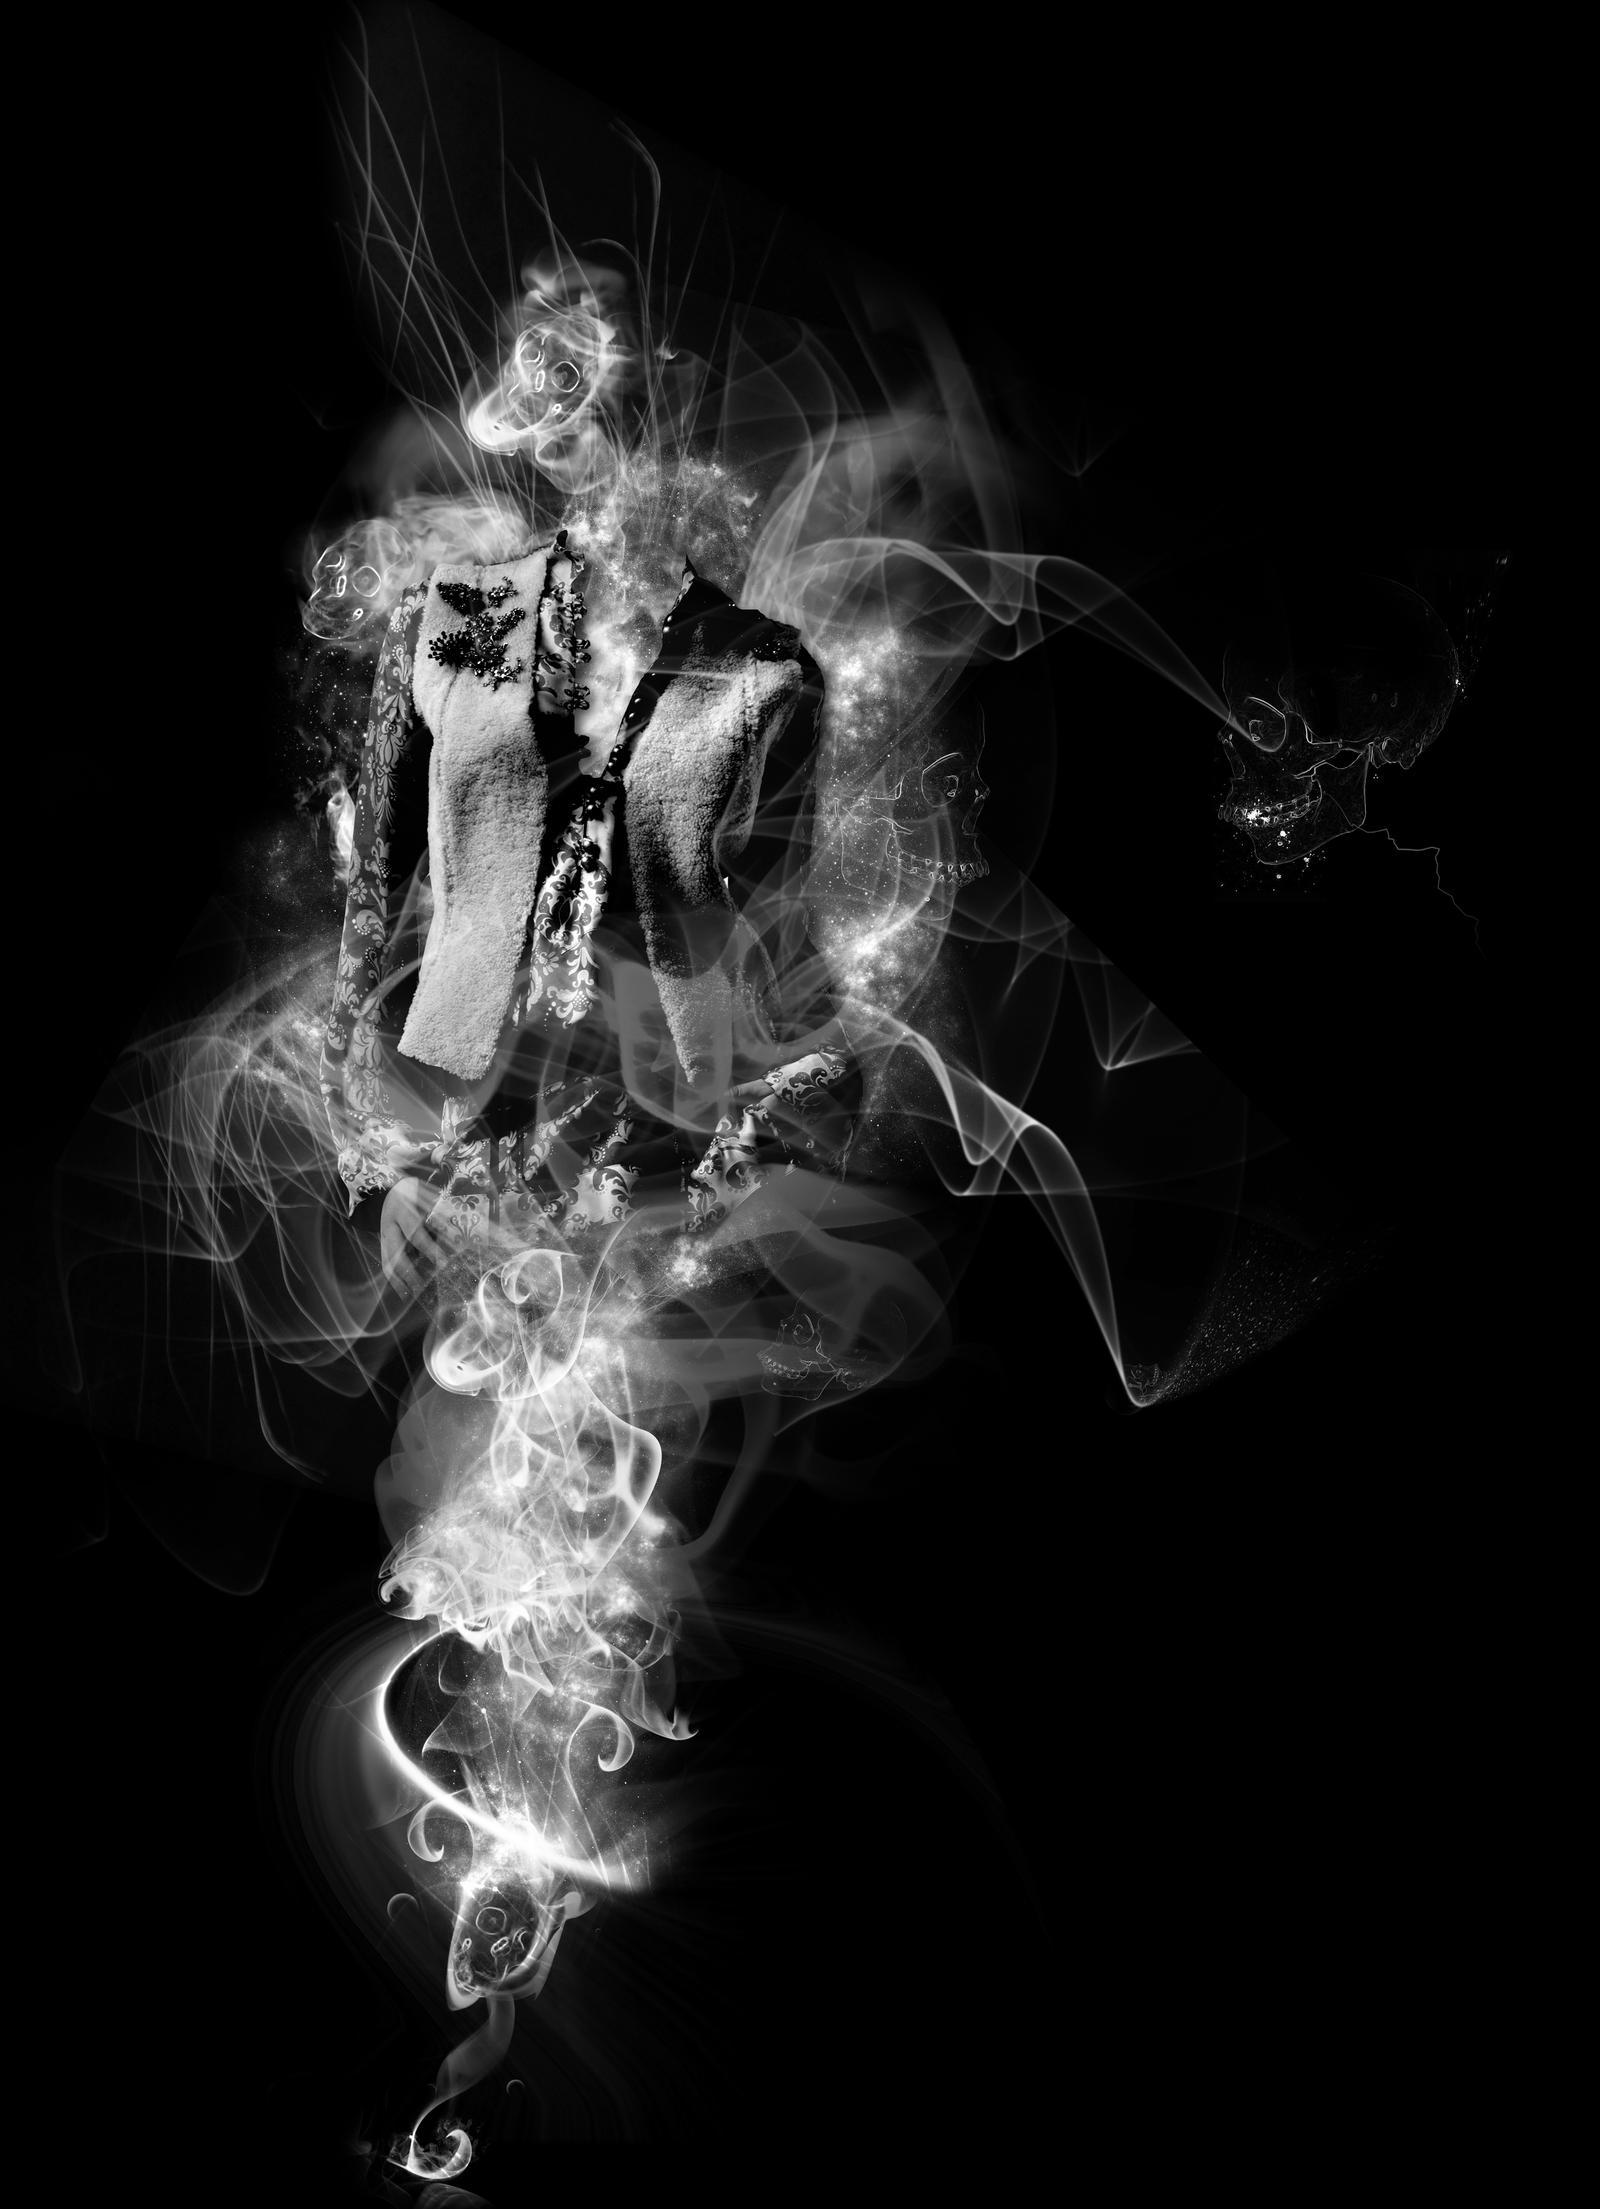 Smoking Skull by vidinha on DeviantArt